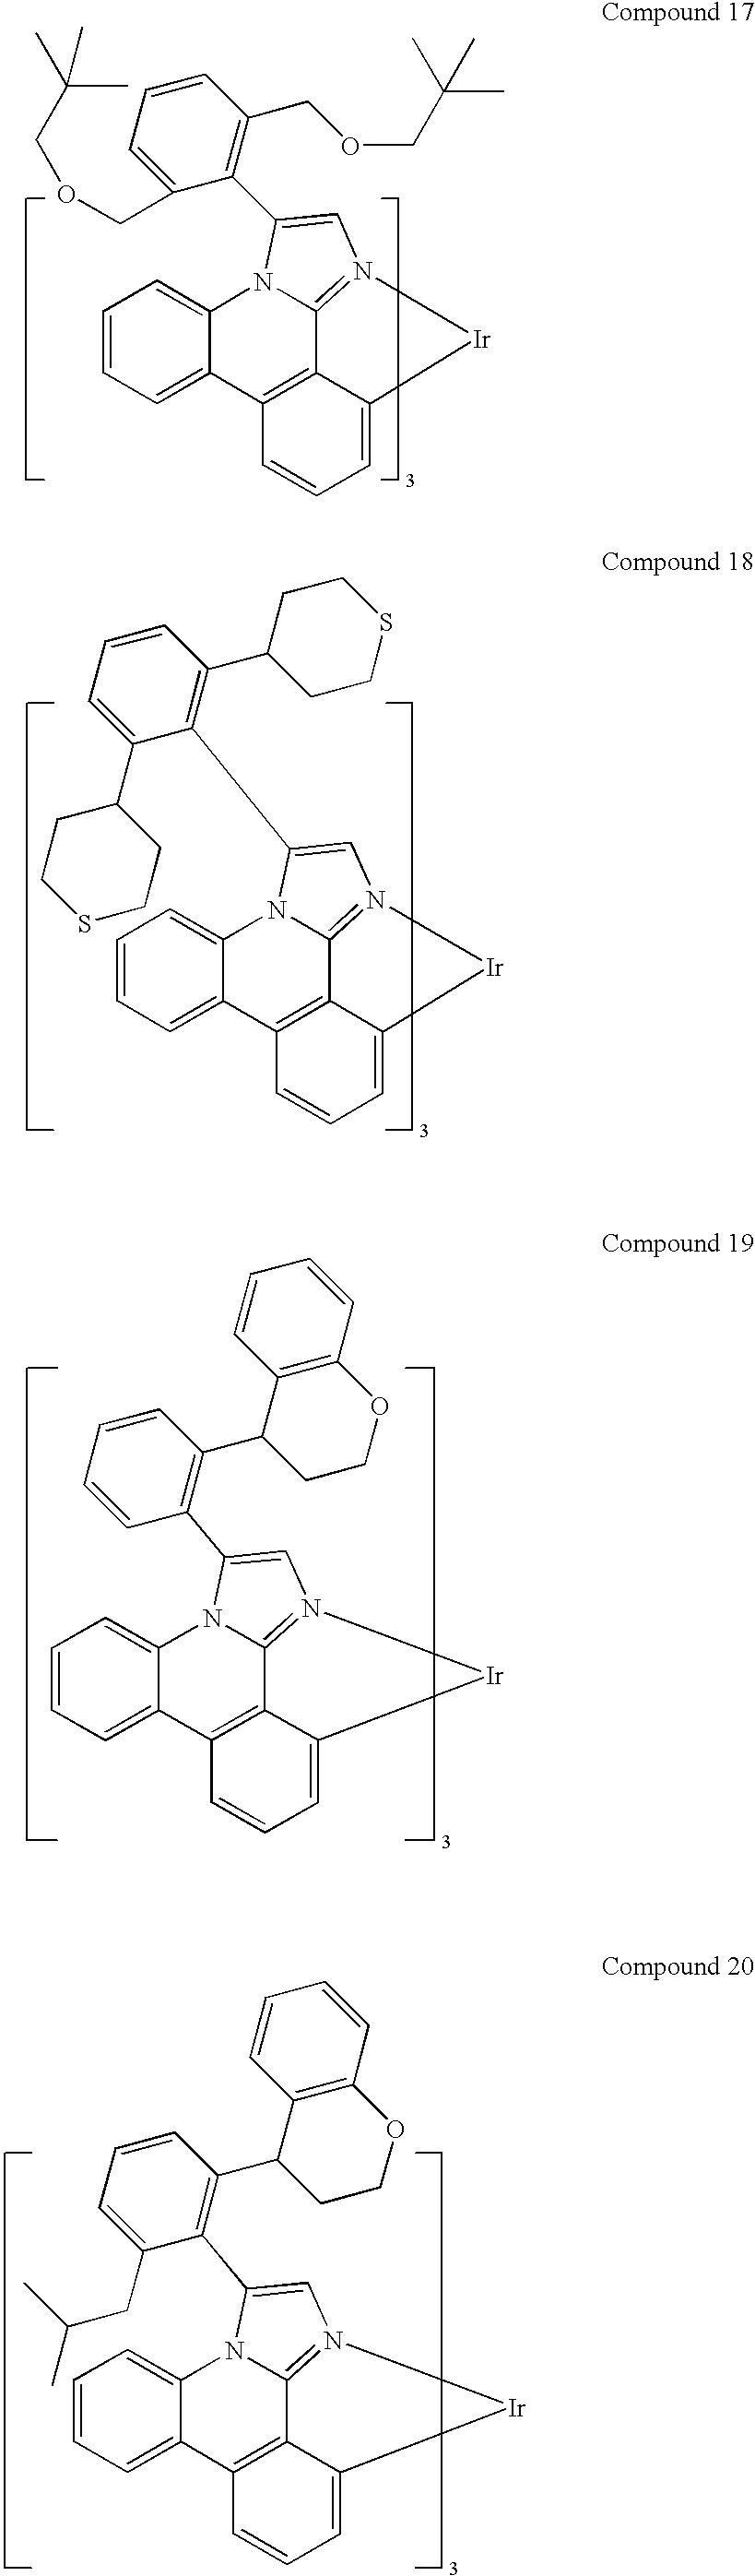 Figure US20100148663A1-20100617-C00166